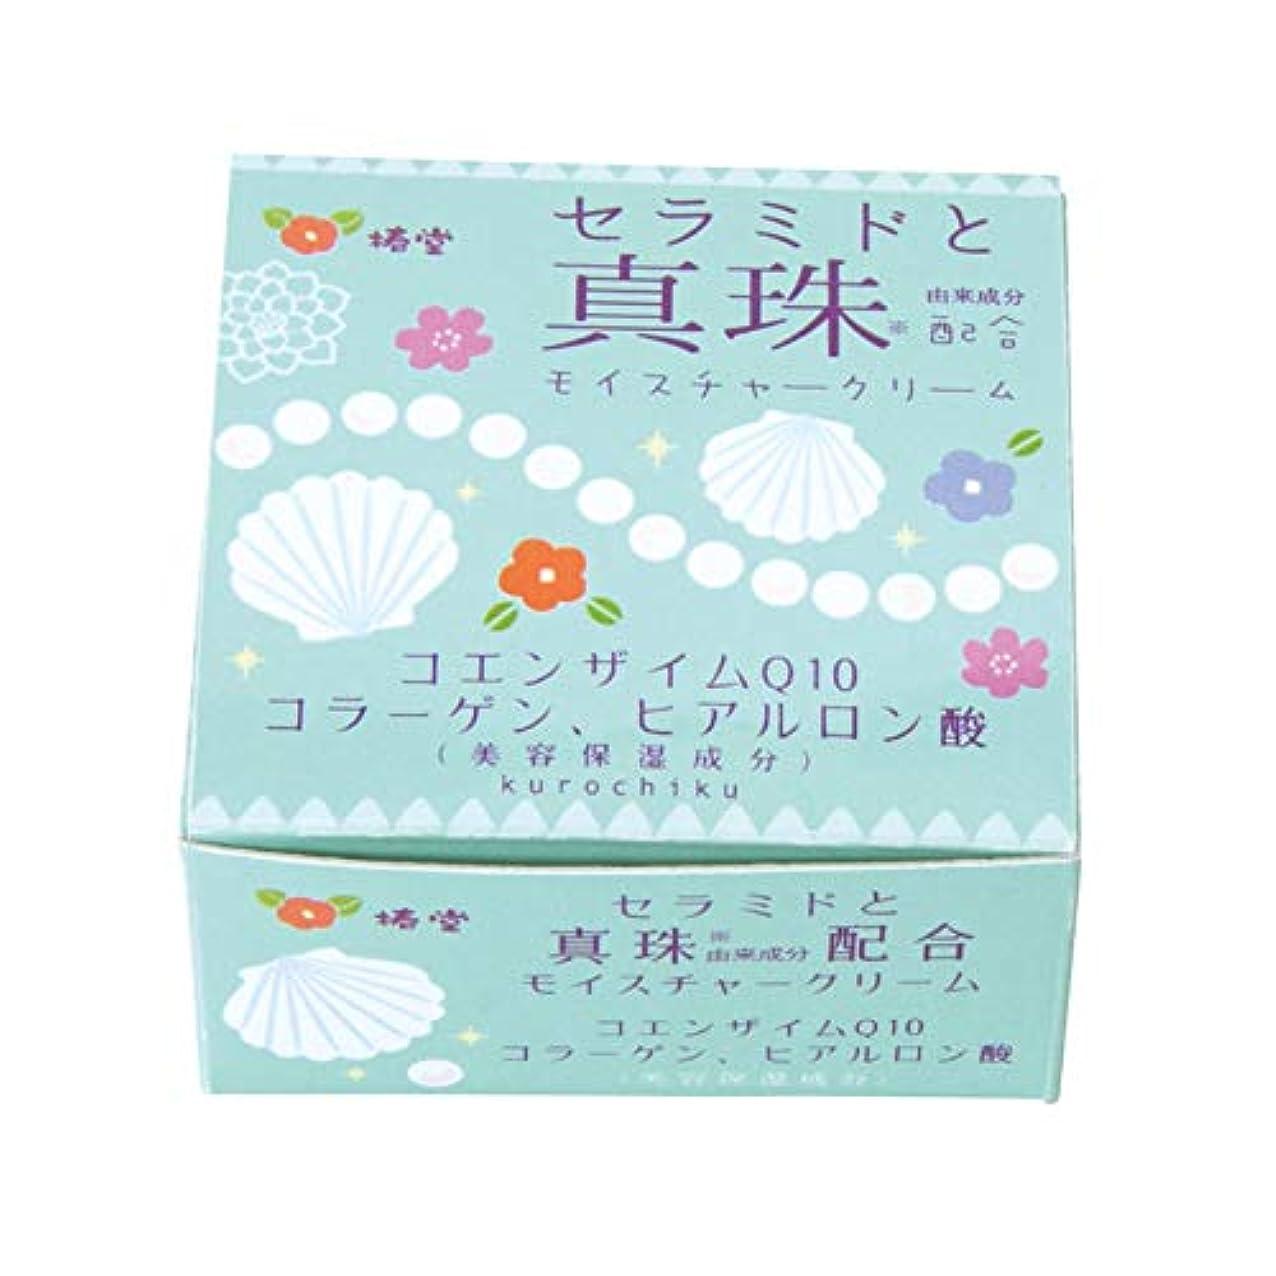 嘆願蒸留するビリーヤギ椿堂 真珠モイスチャークリーム (セラミドと真珠) 京都くろちく